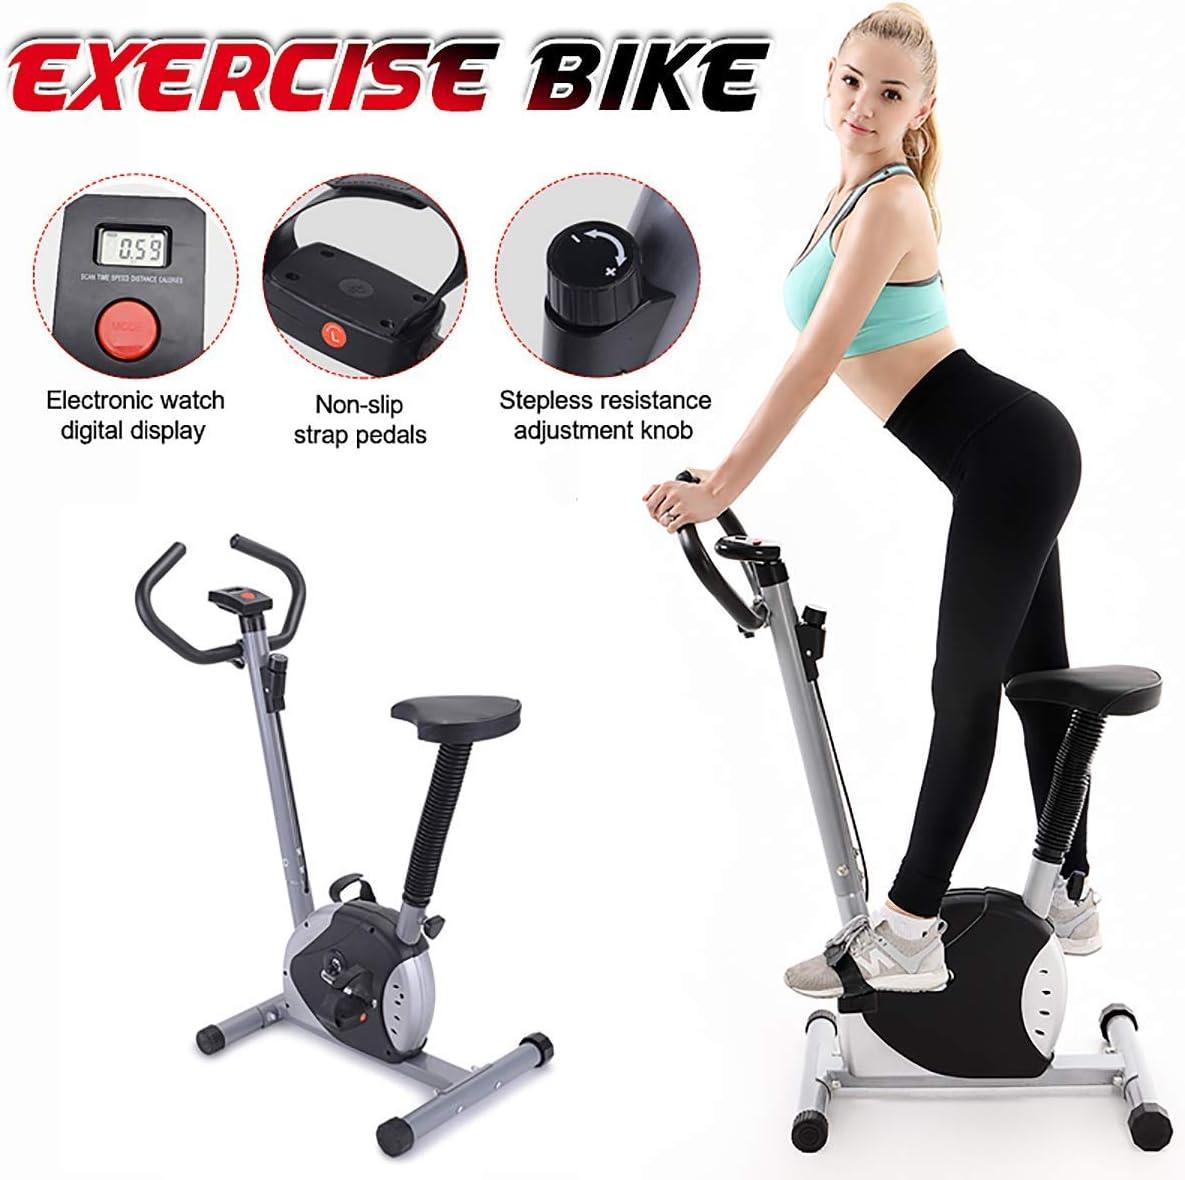 JINHH Formación Bicicleta Estática, Digital Display Cardio Home Gym Fitness Spinning Indoor Cycling Inicio Bicicleta De Spinning Equipo De Deporte: Amazon.es: Deportes y aire libre